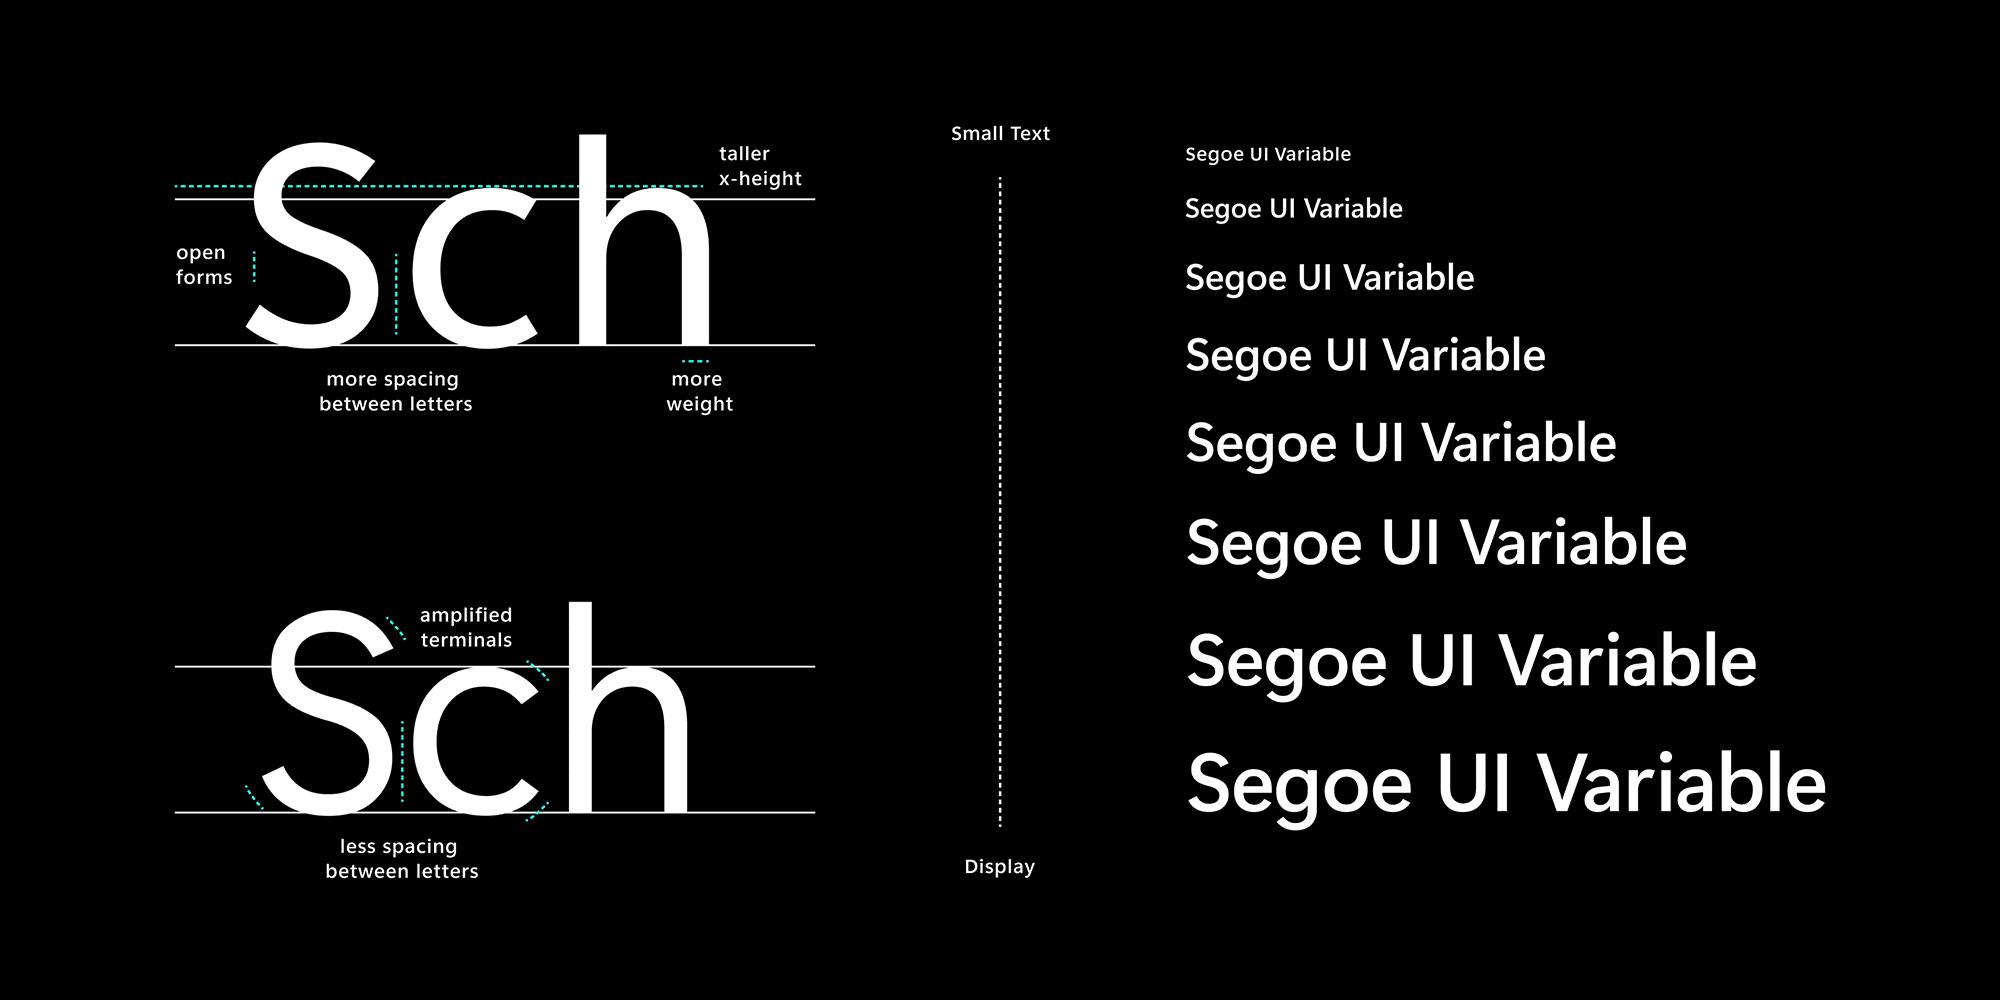 segoe-variable